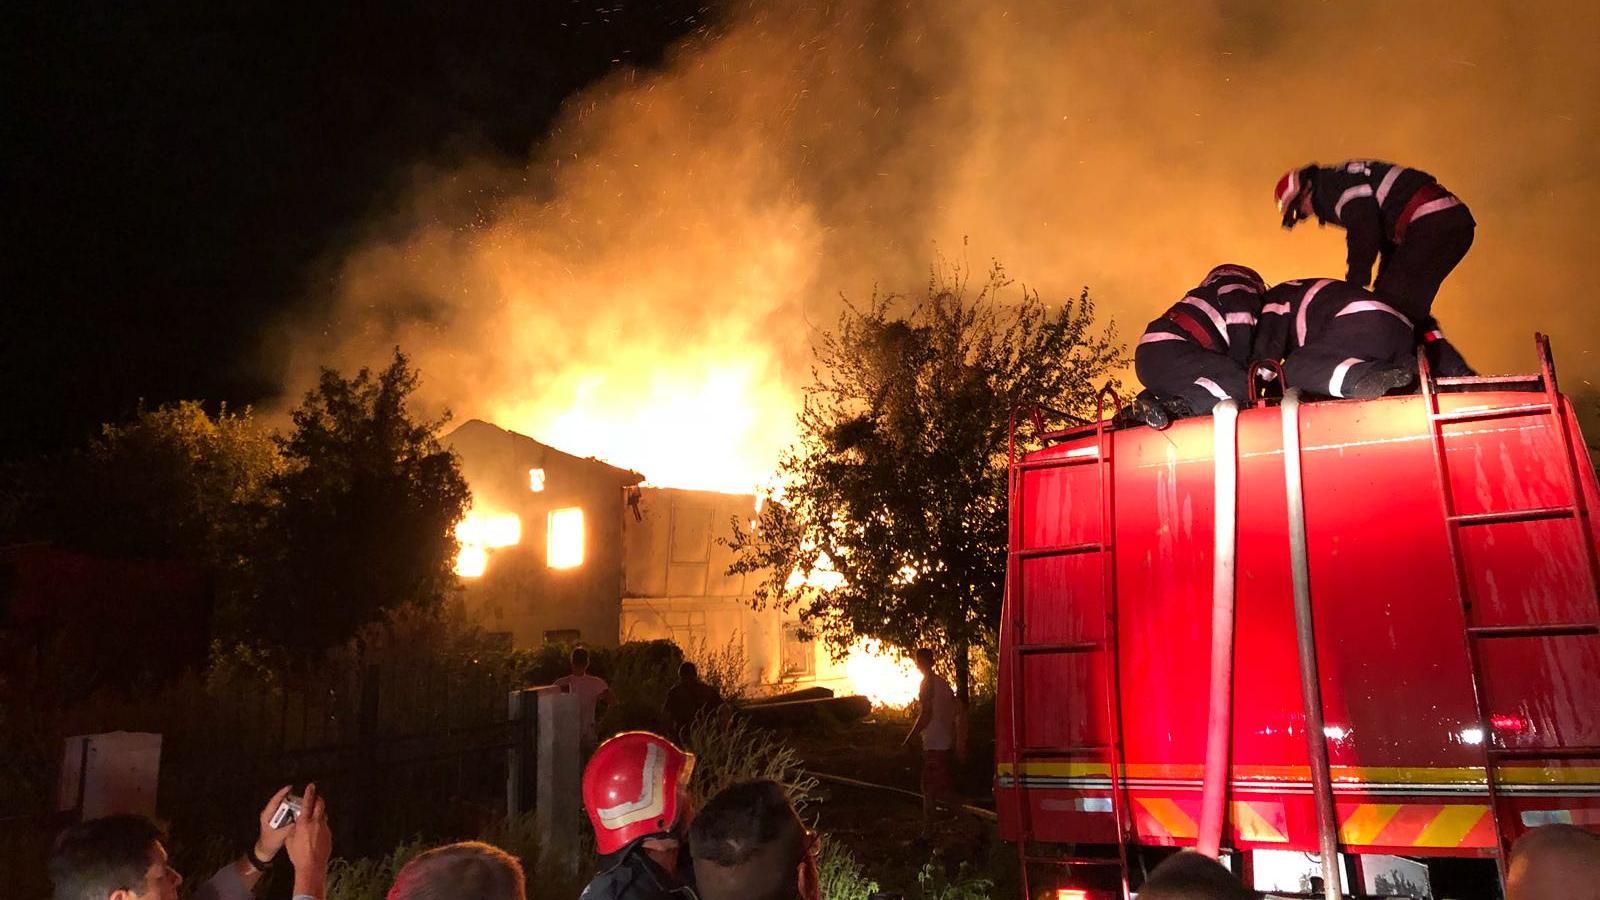 Incendiu de amploare în judeţul Constanţa. 15 familii evacuate. Pompierii se luptă cu flăcările